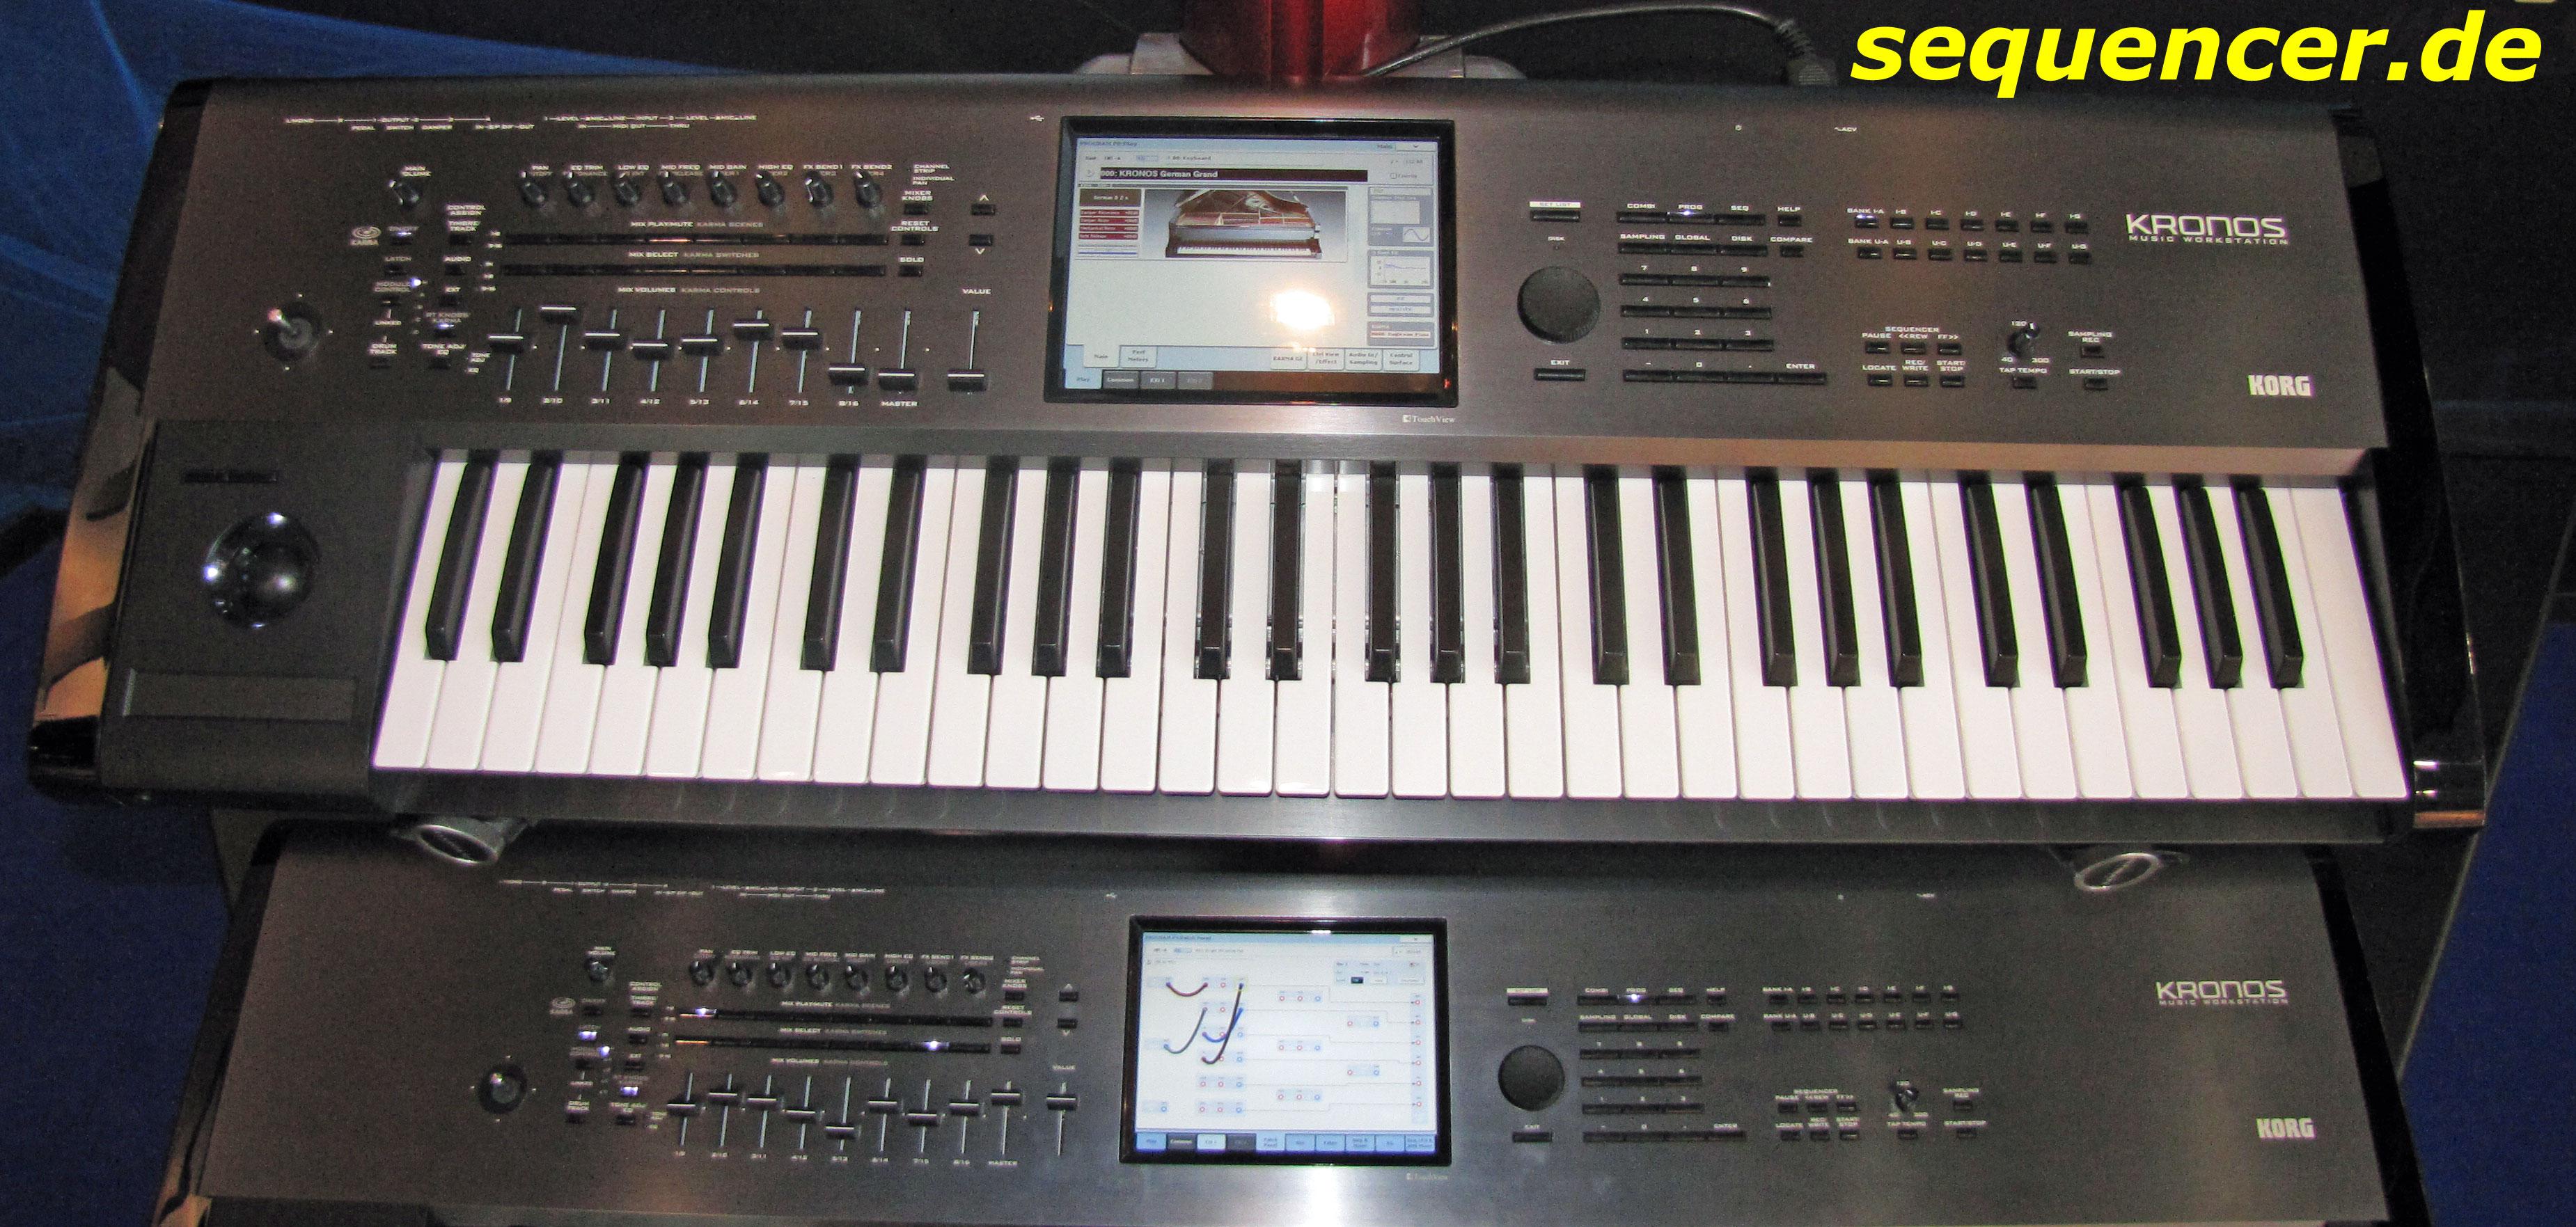 Korg kronos digital synthesizer algorithmic arranger sequencer